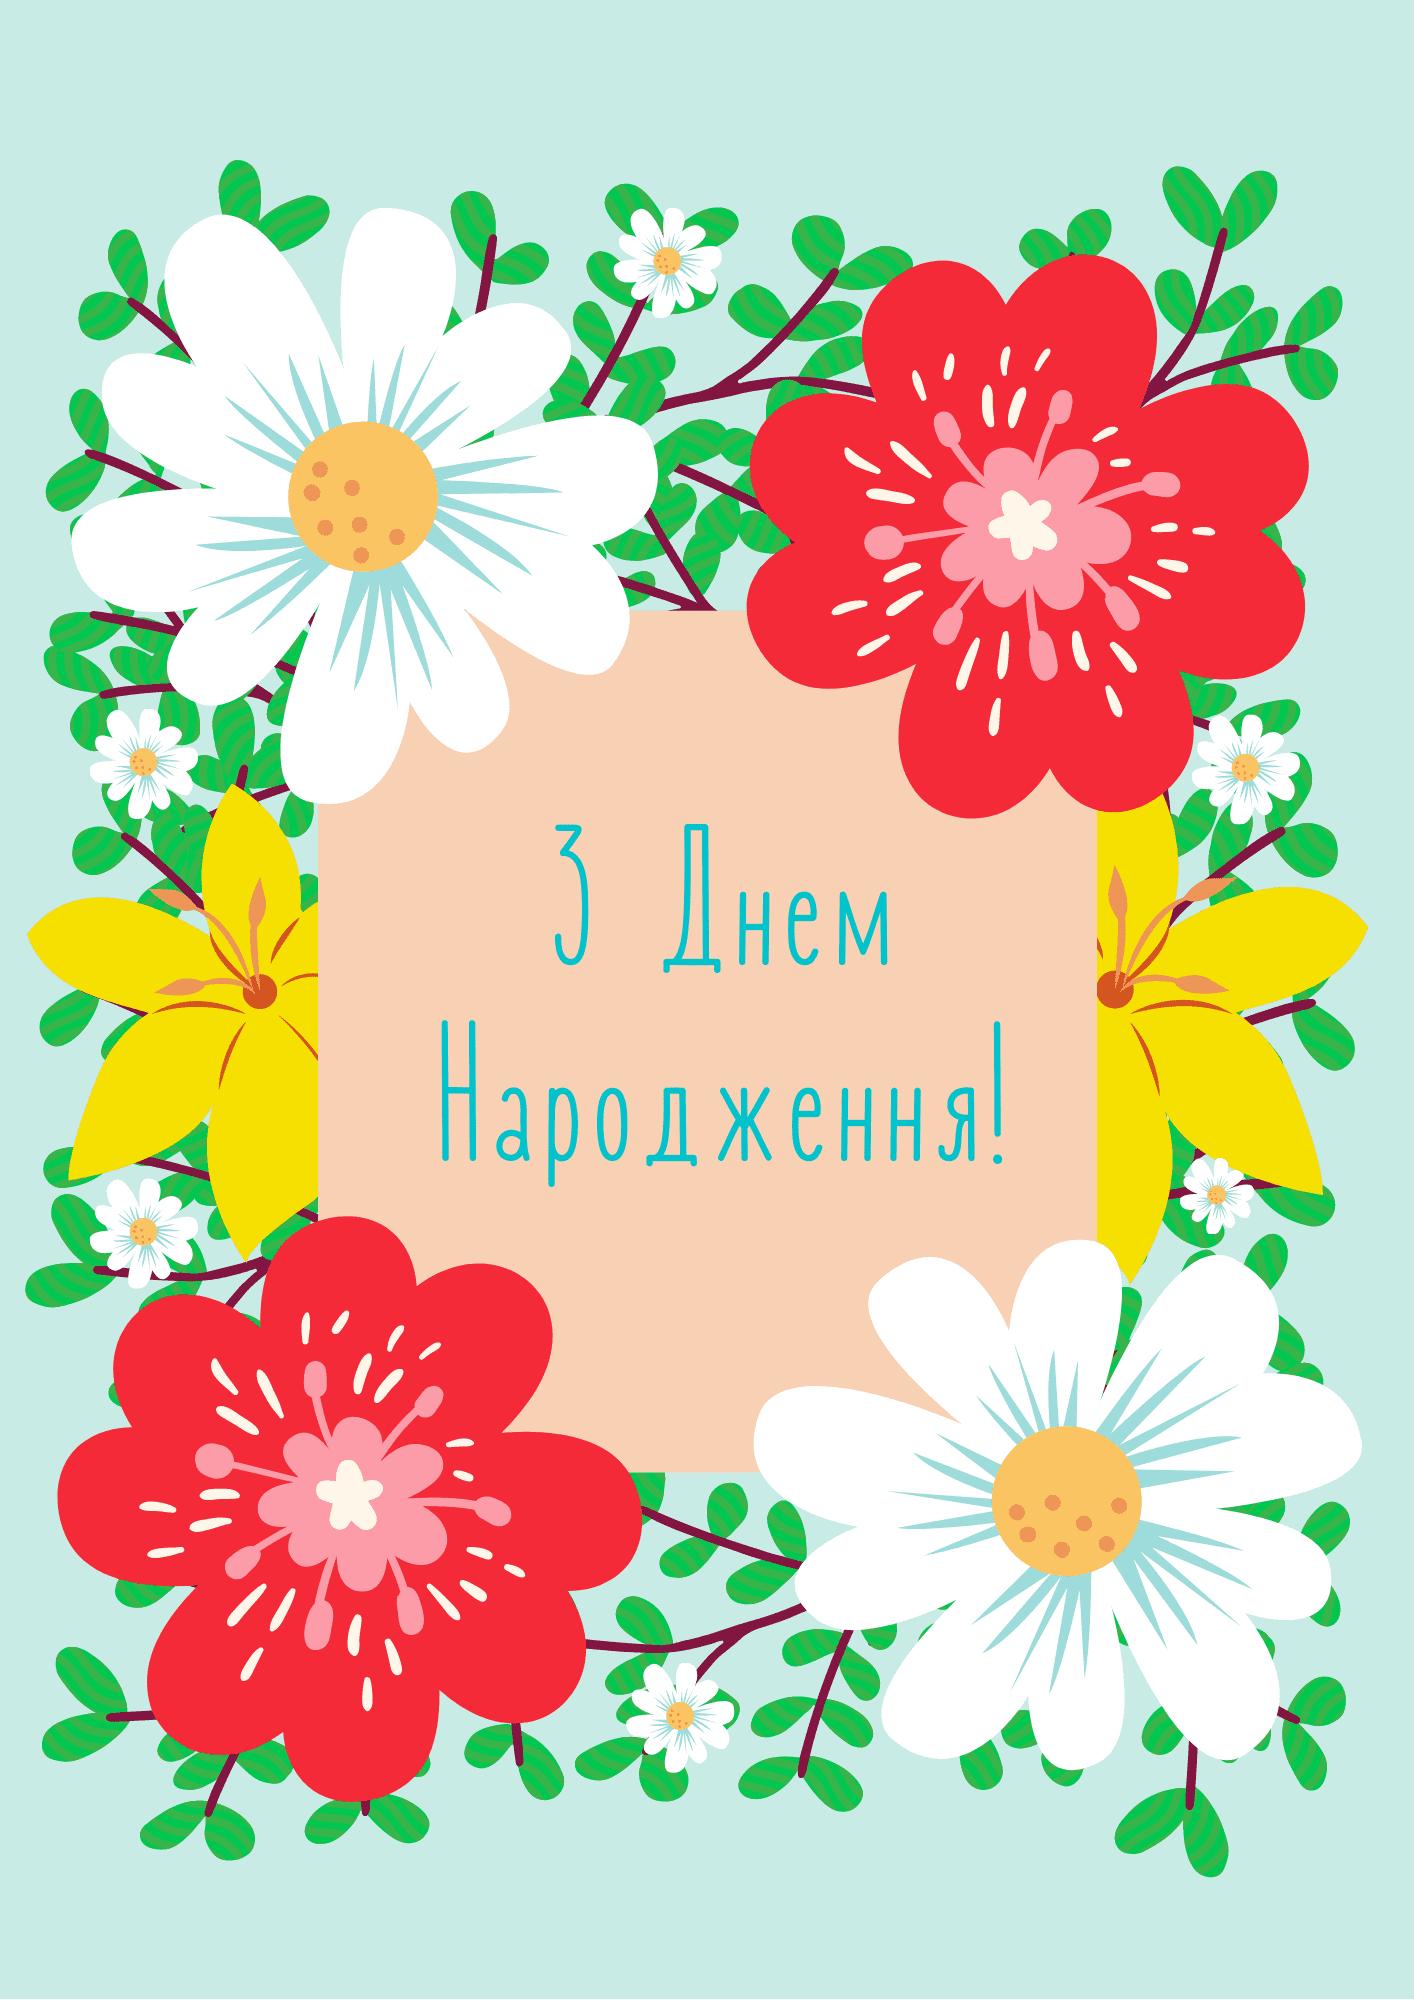 З Днем Народження! Вітальна листівка з квітами - Moonzori